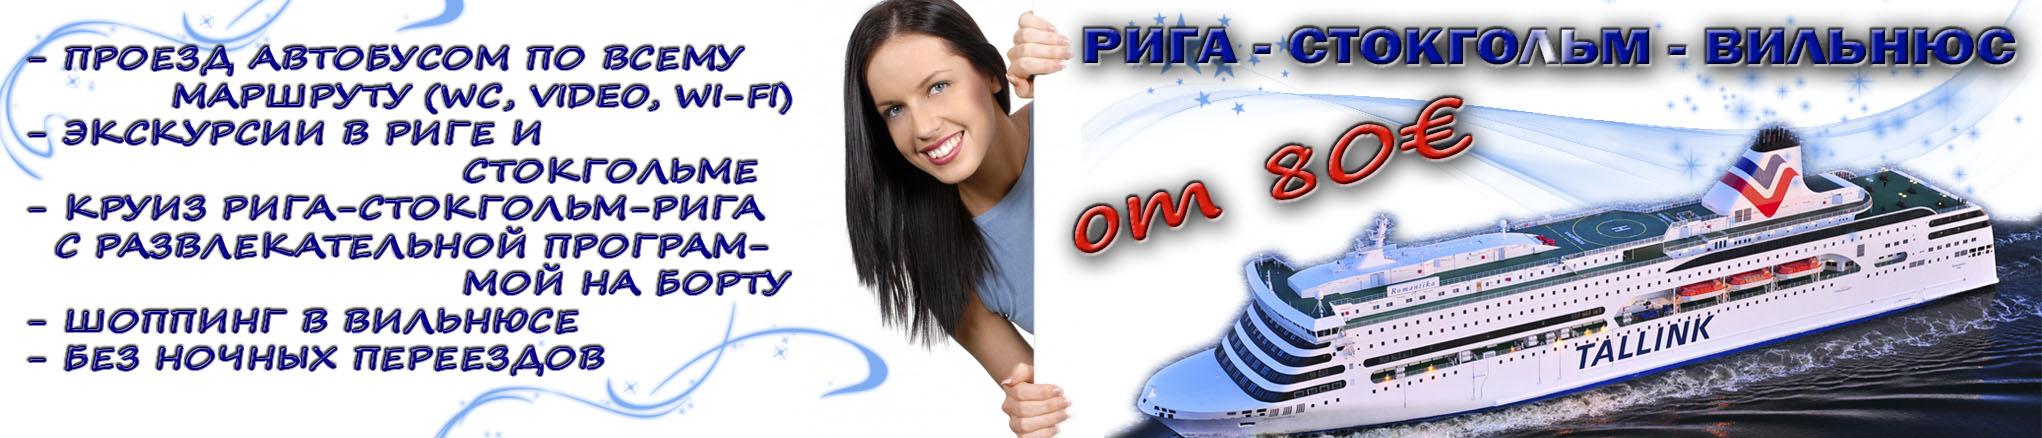 RIX-STO-VNO